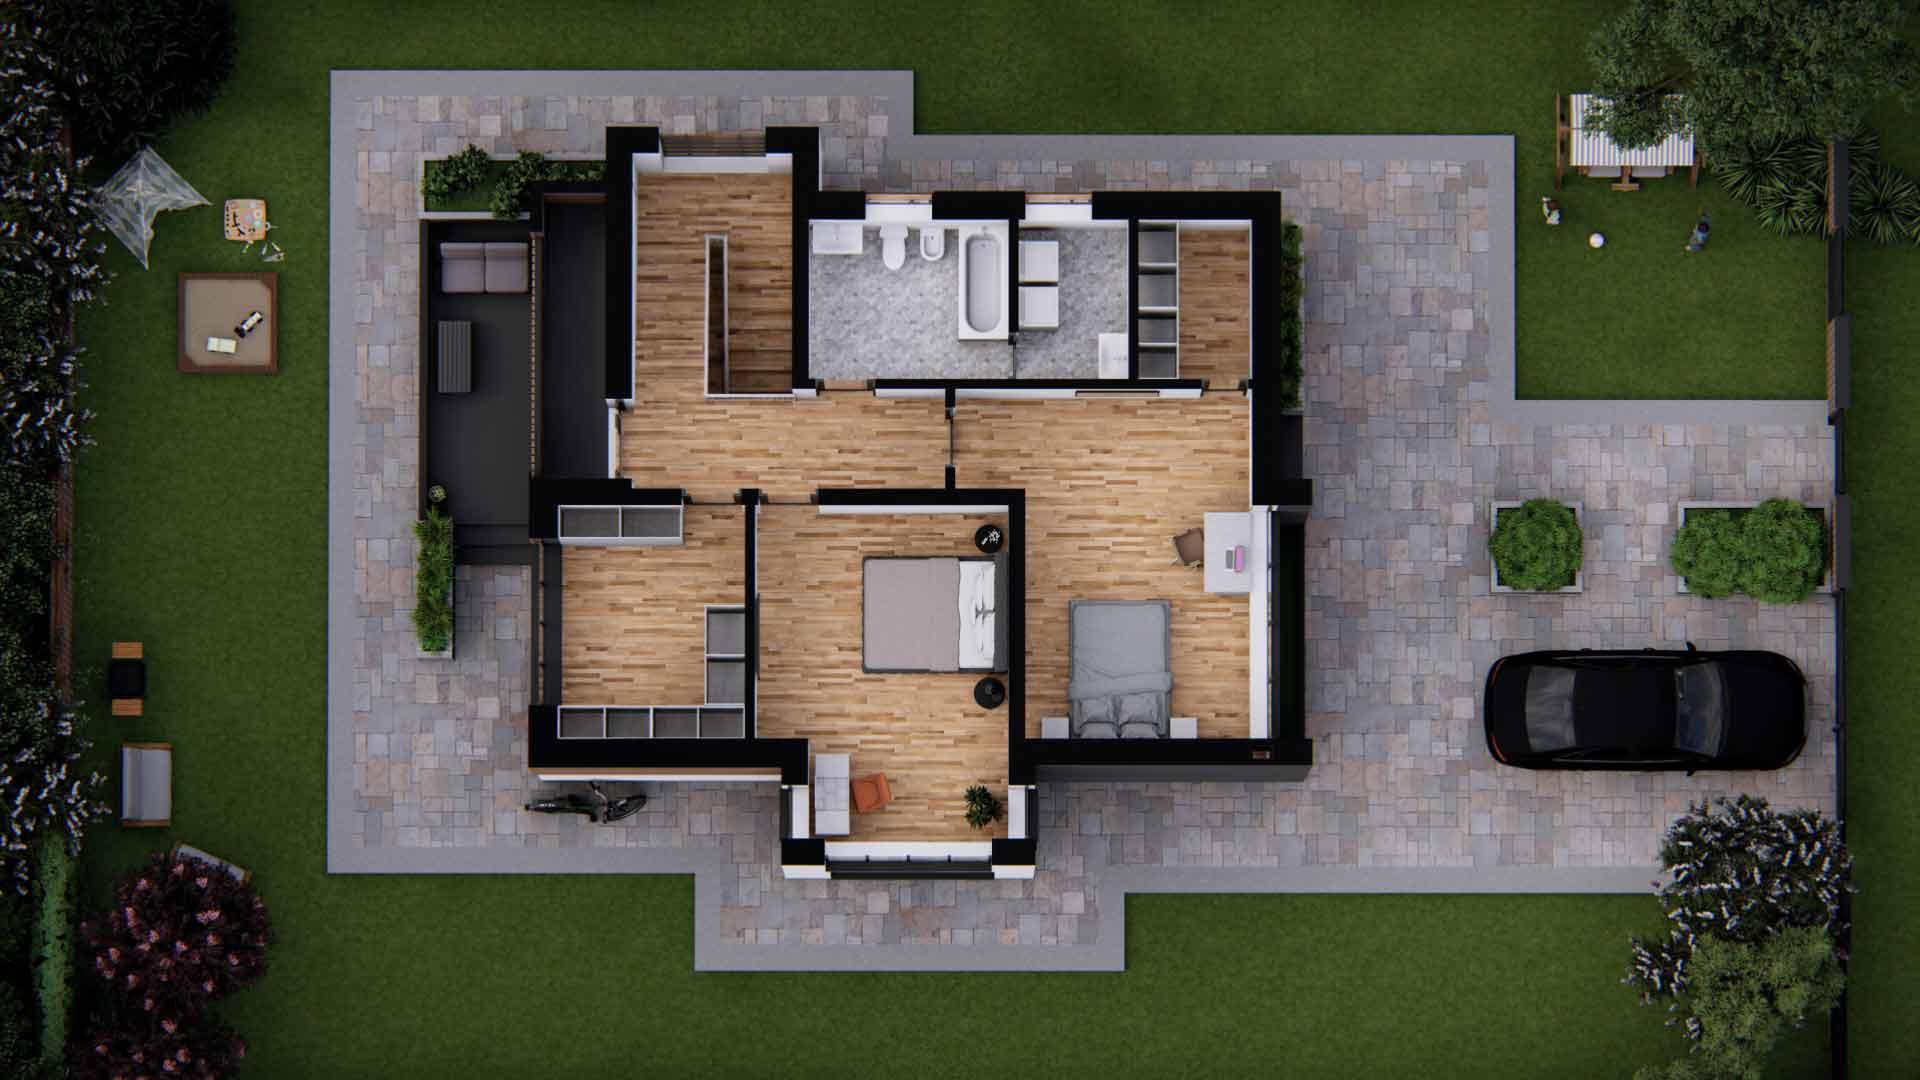 plan etaj locuinta